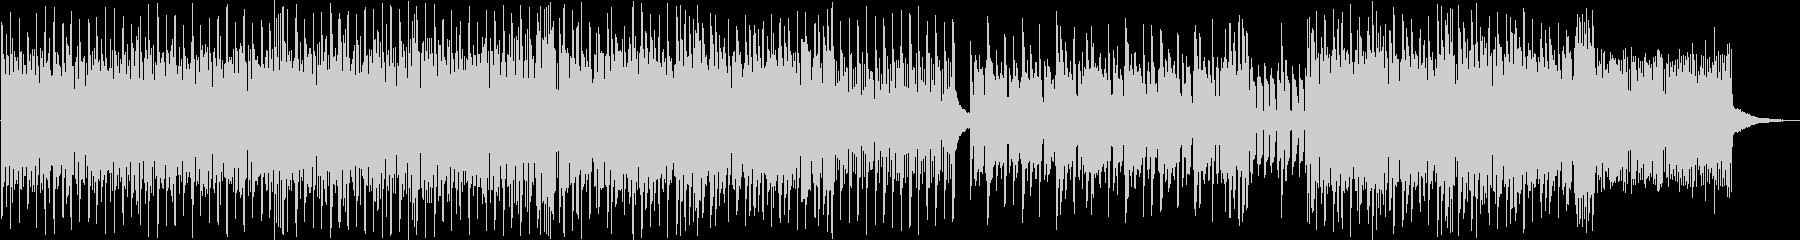 シンセと生楽器が融合するEDMの未再生の波形